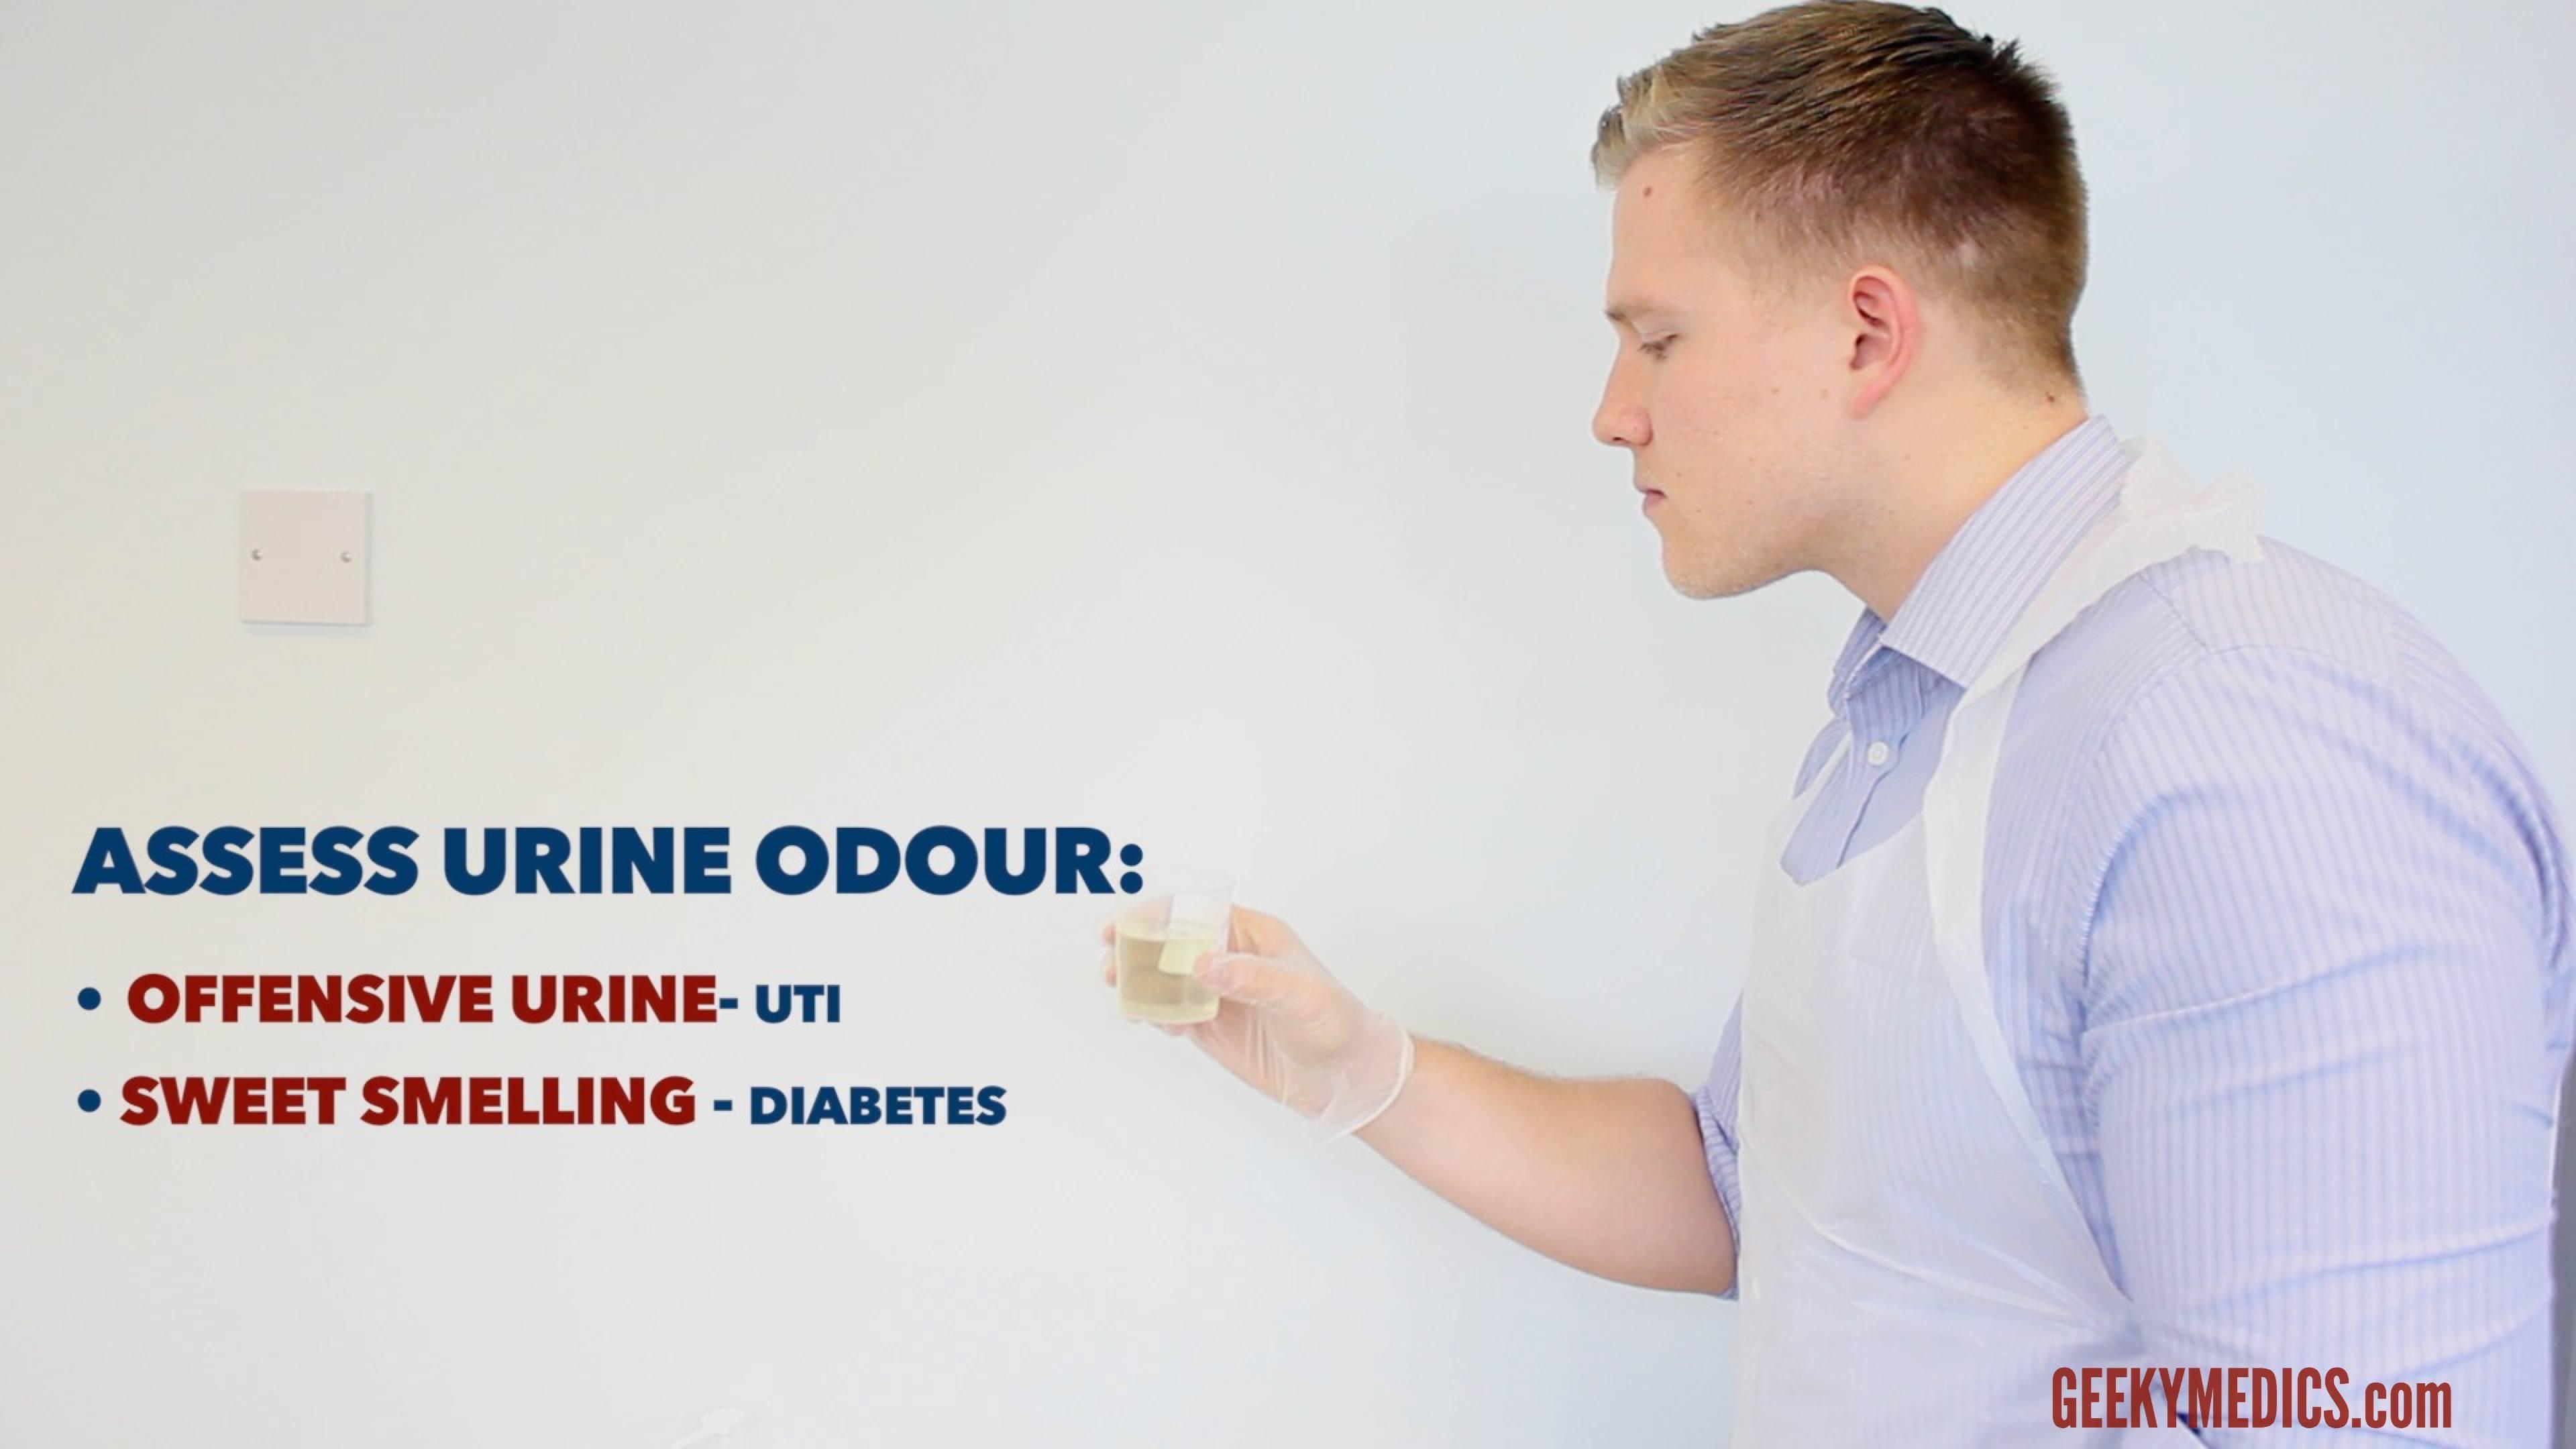 Urinalysis - OSCE Guide | Geeky Medics